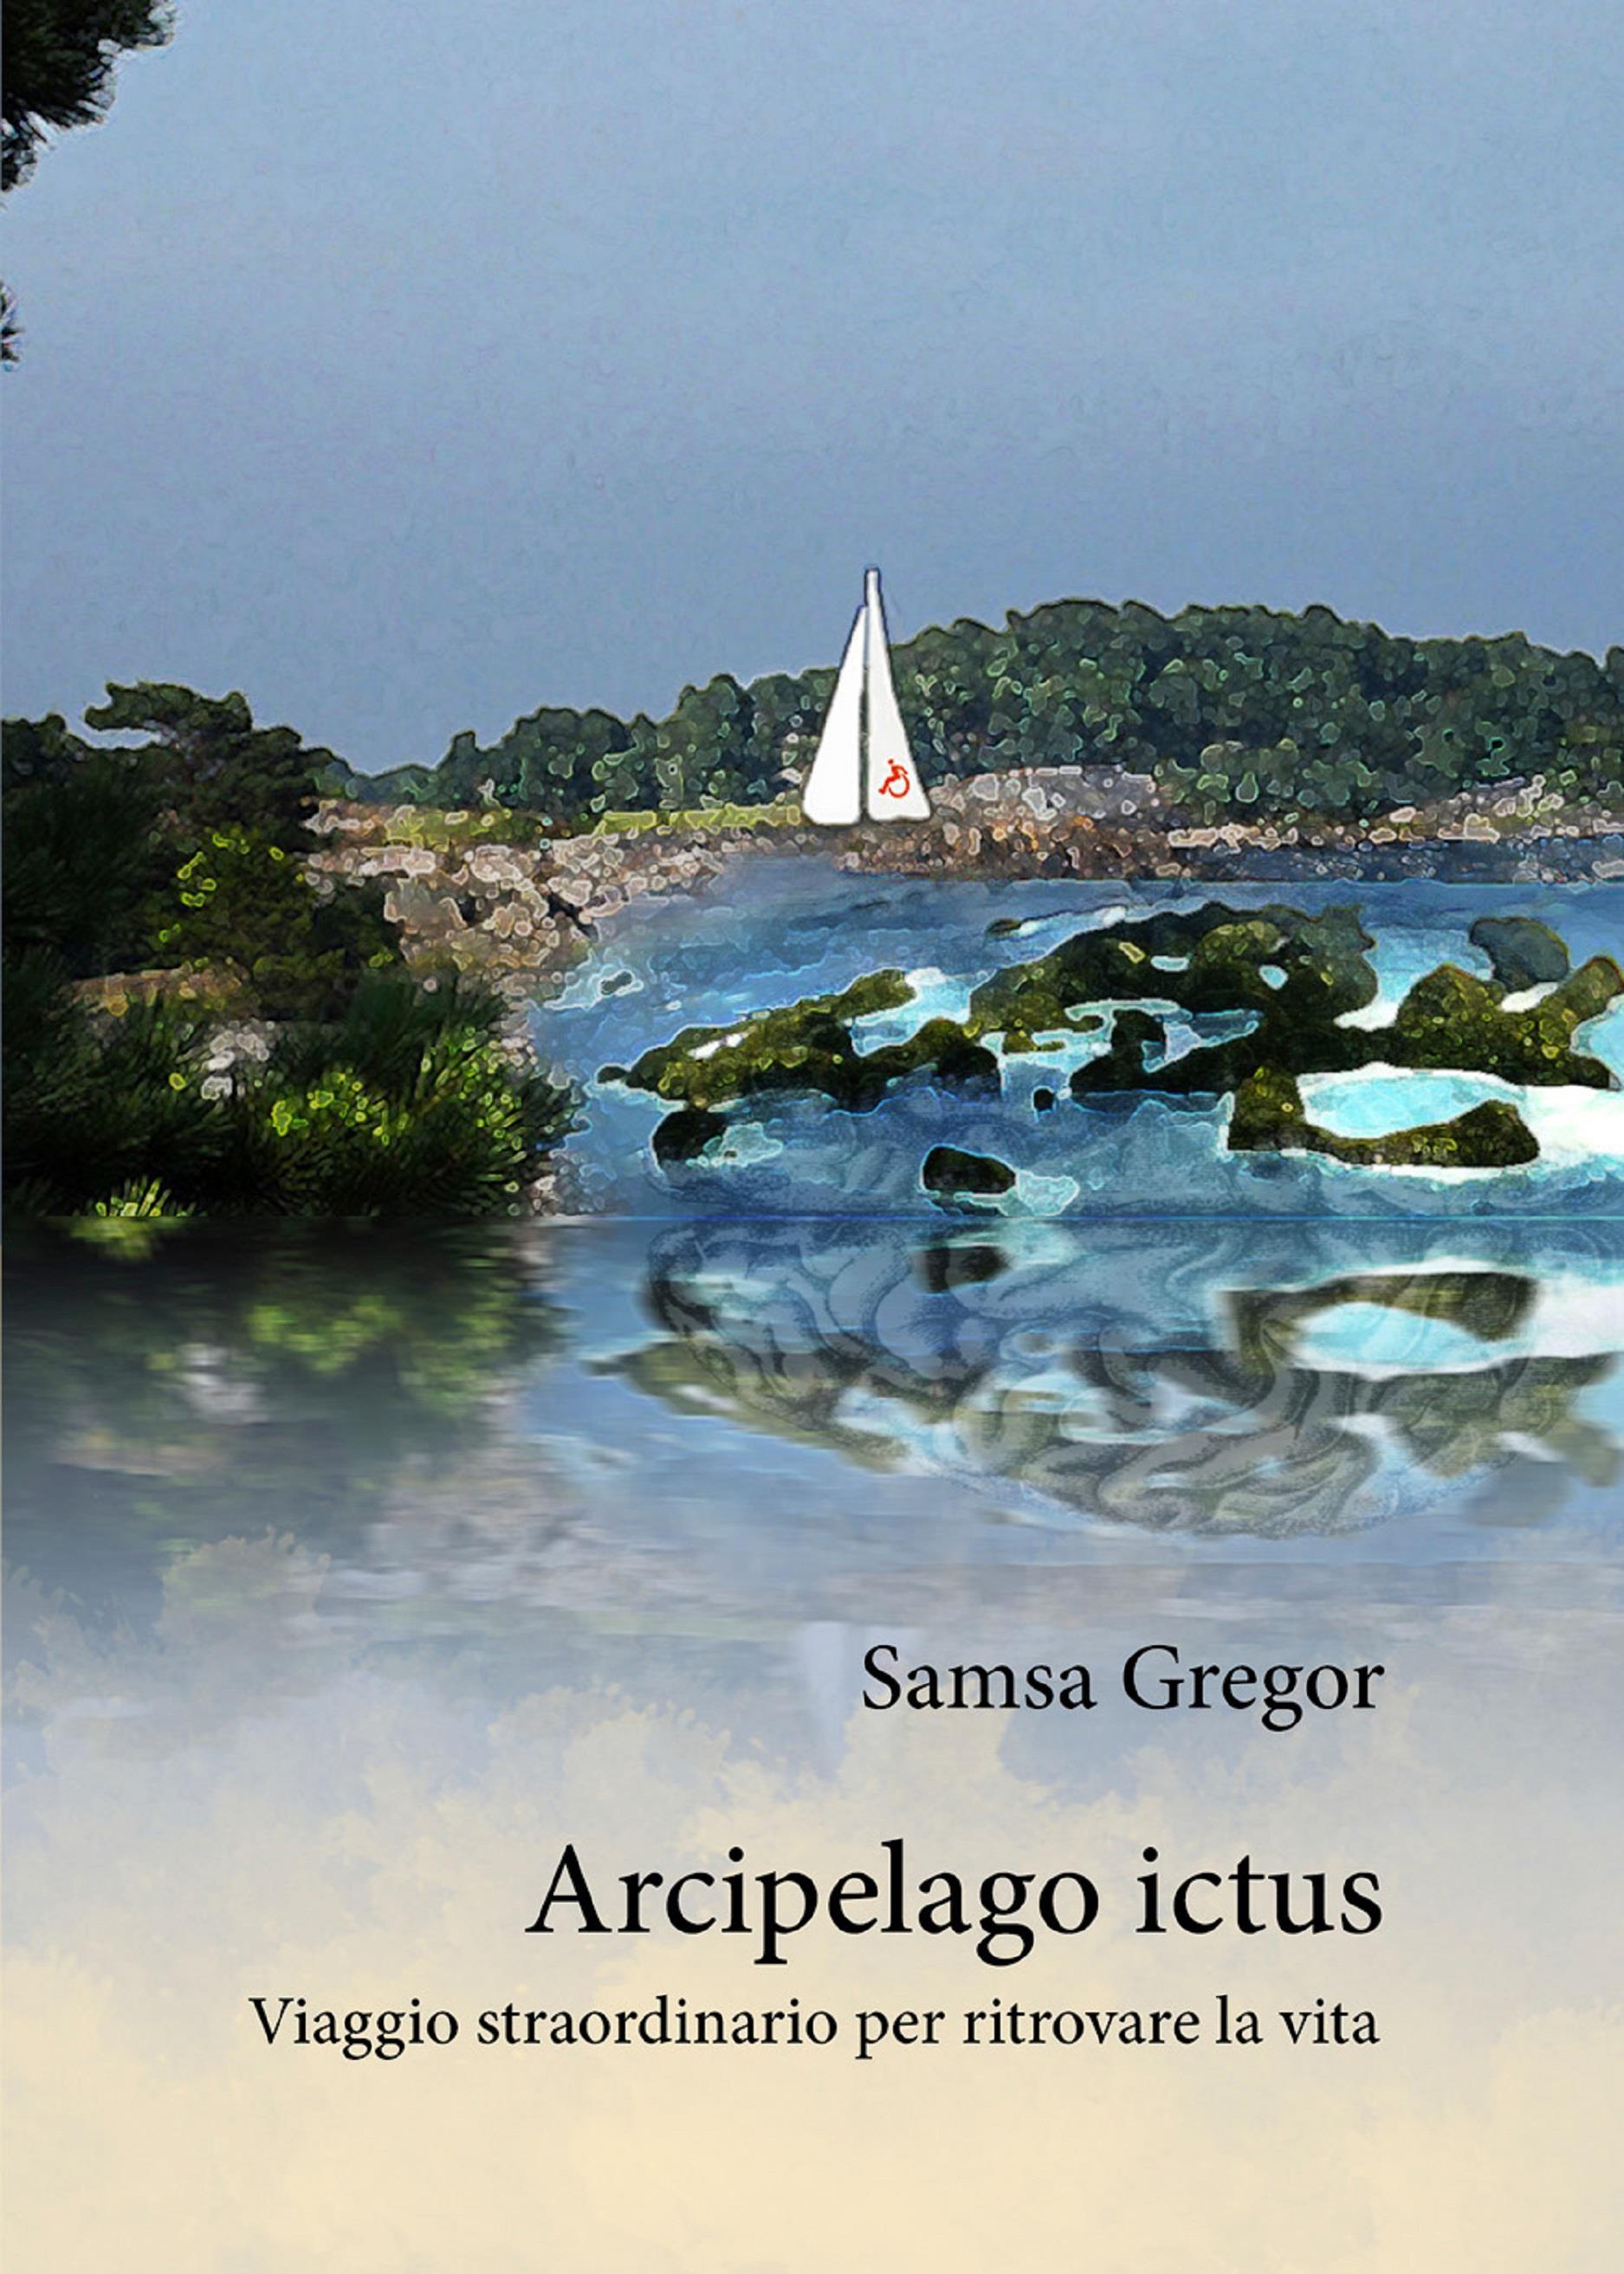 Arcipelago ictus